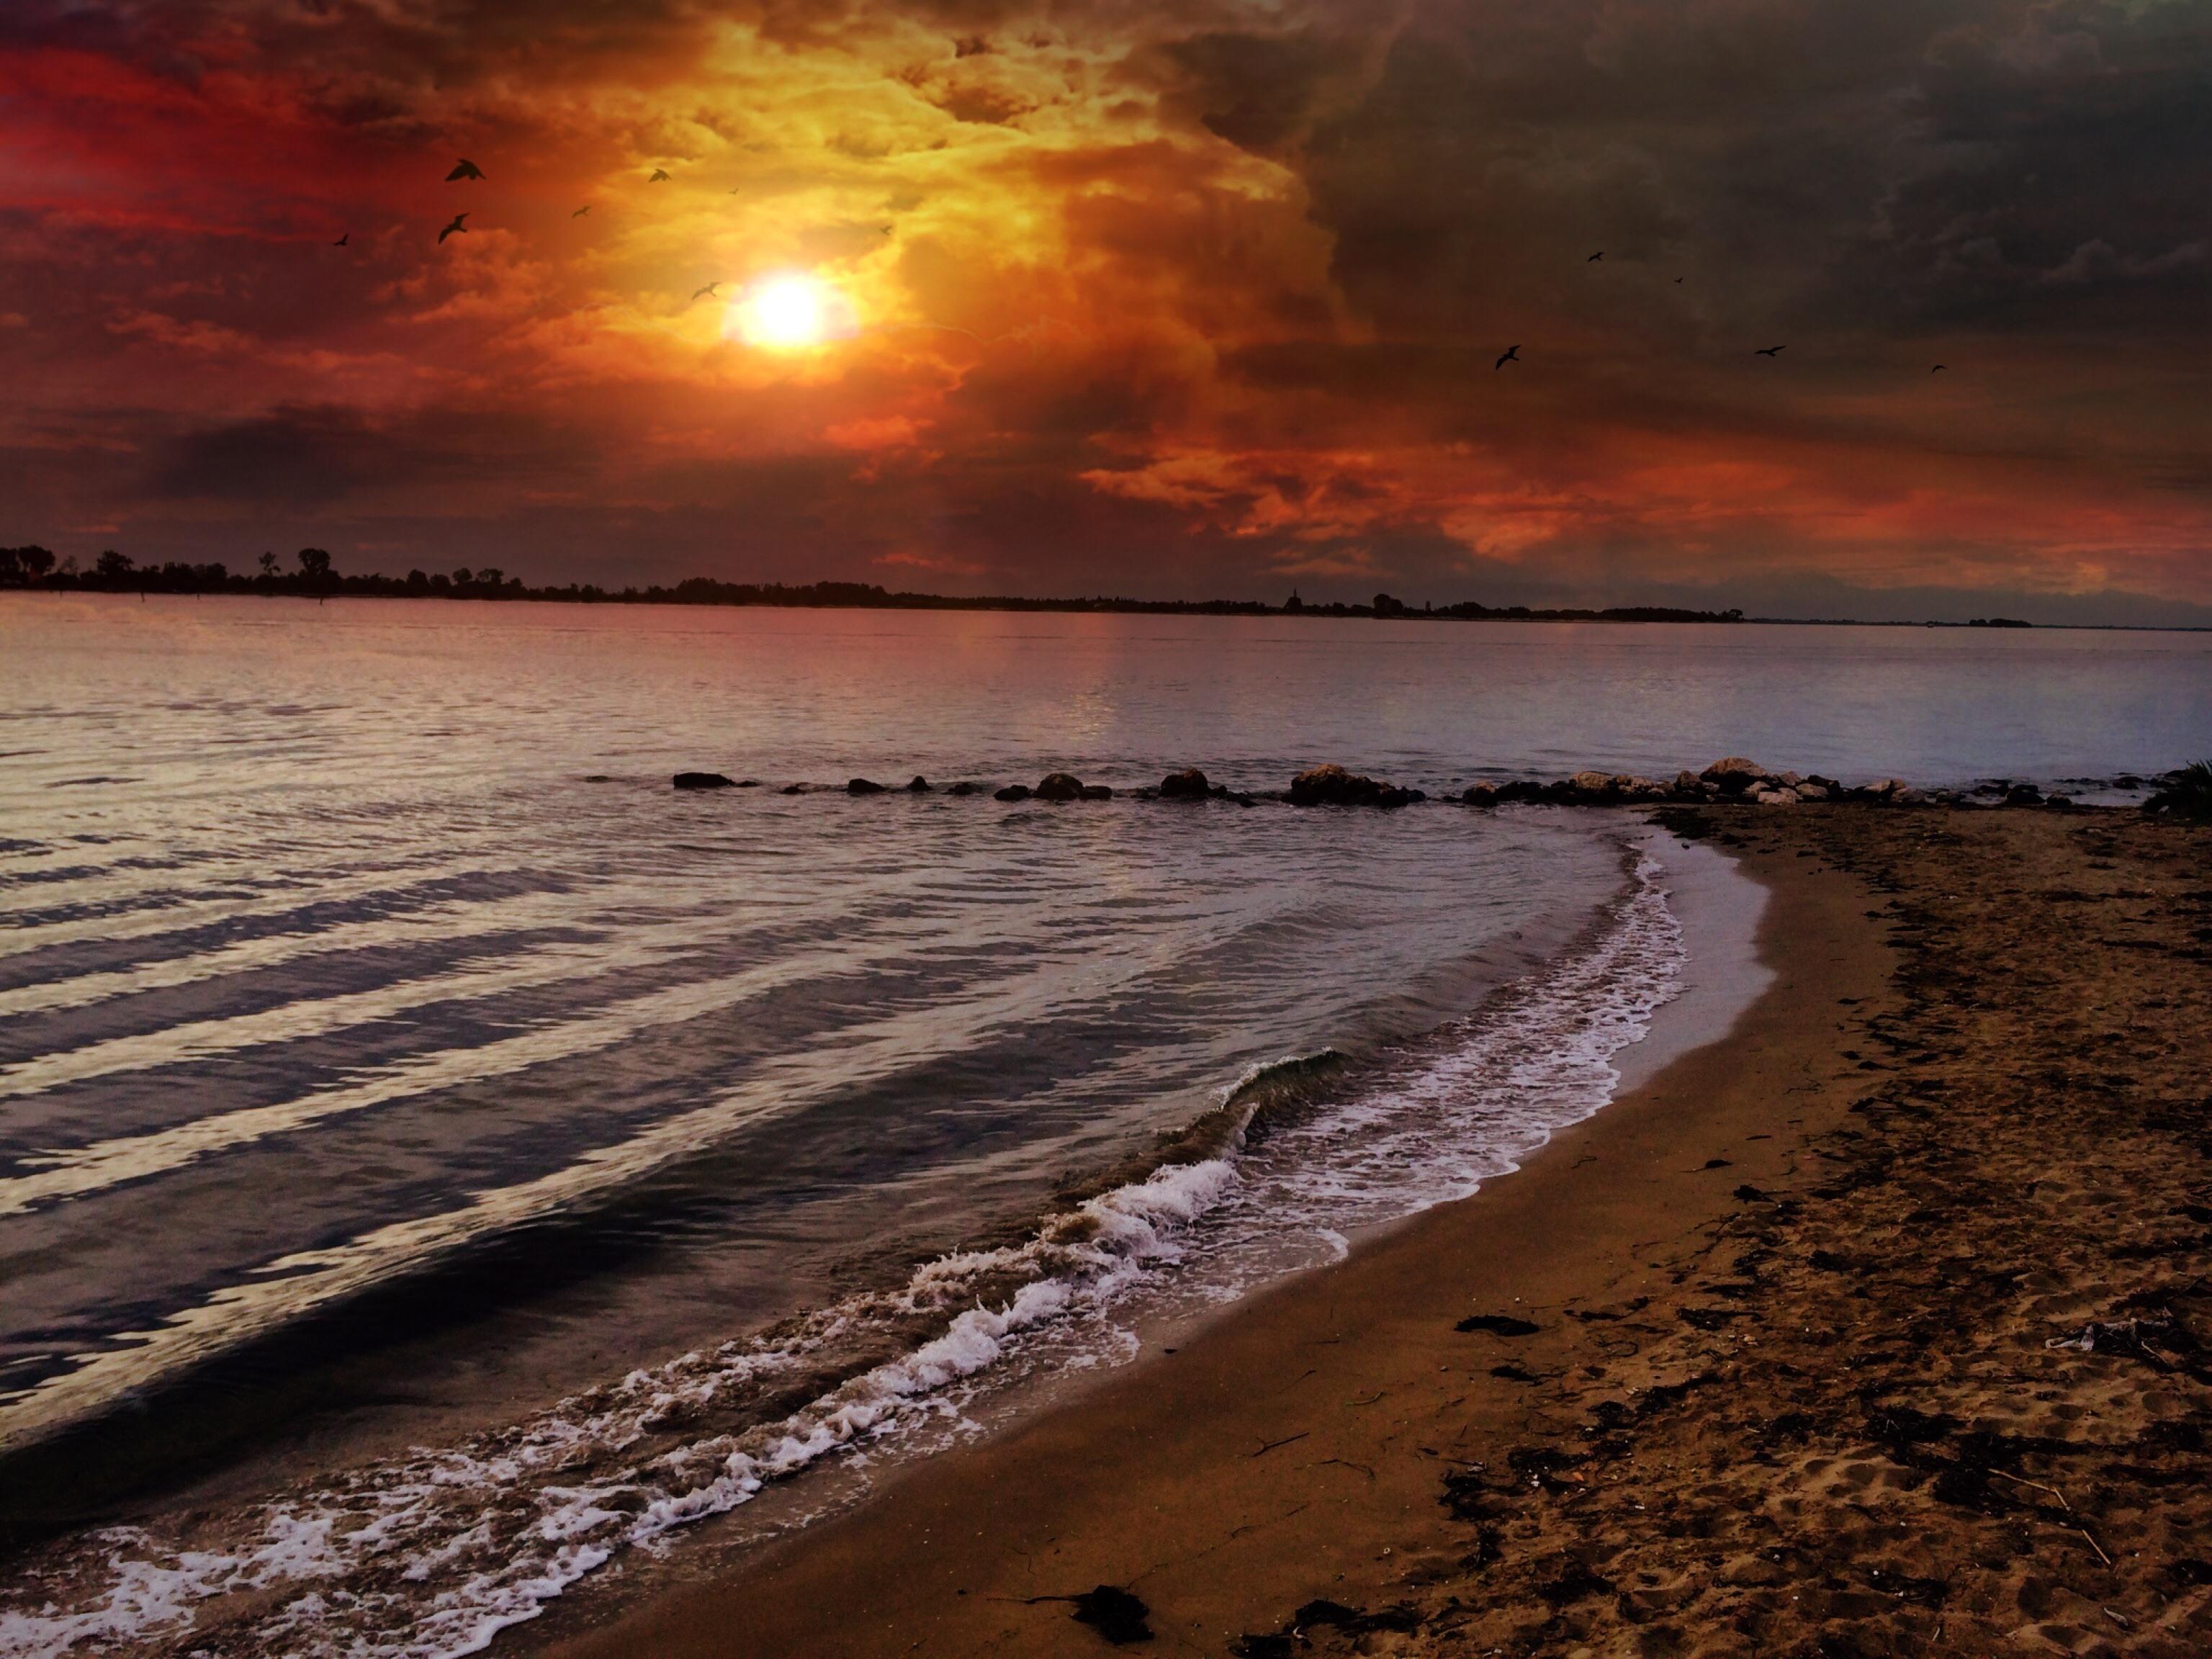 Gambar Pantai Pemandangan Laut Alam Pasir Batu Lautan